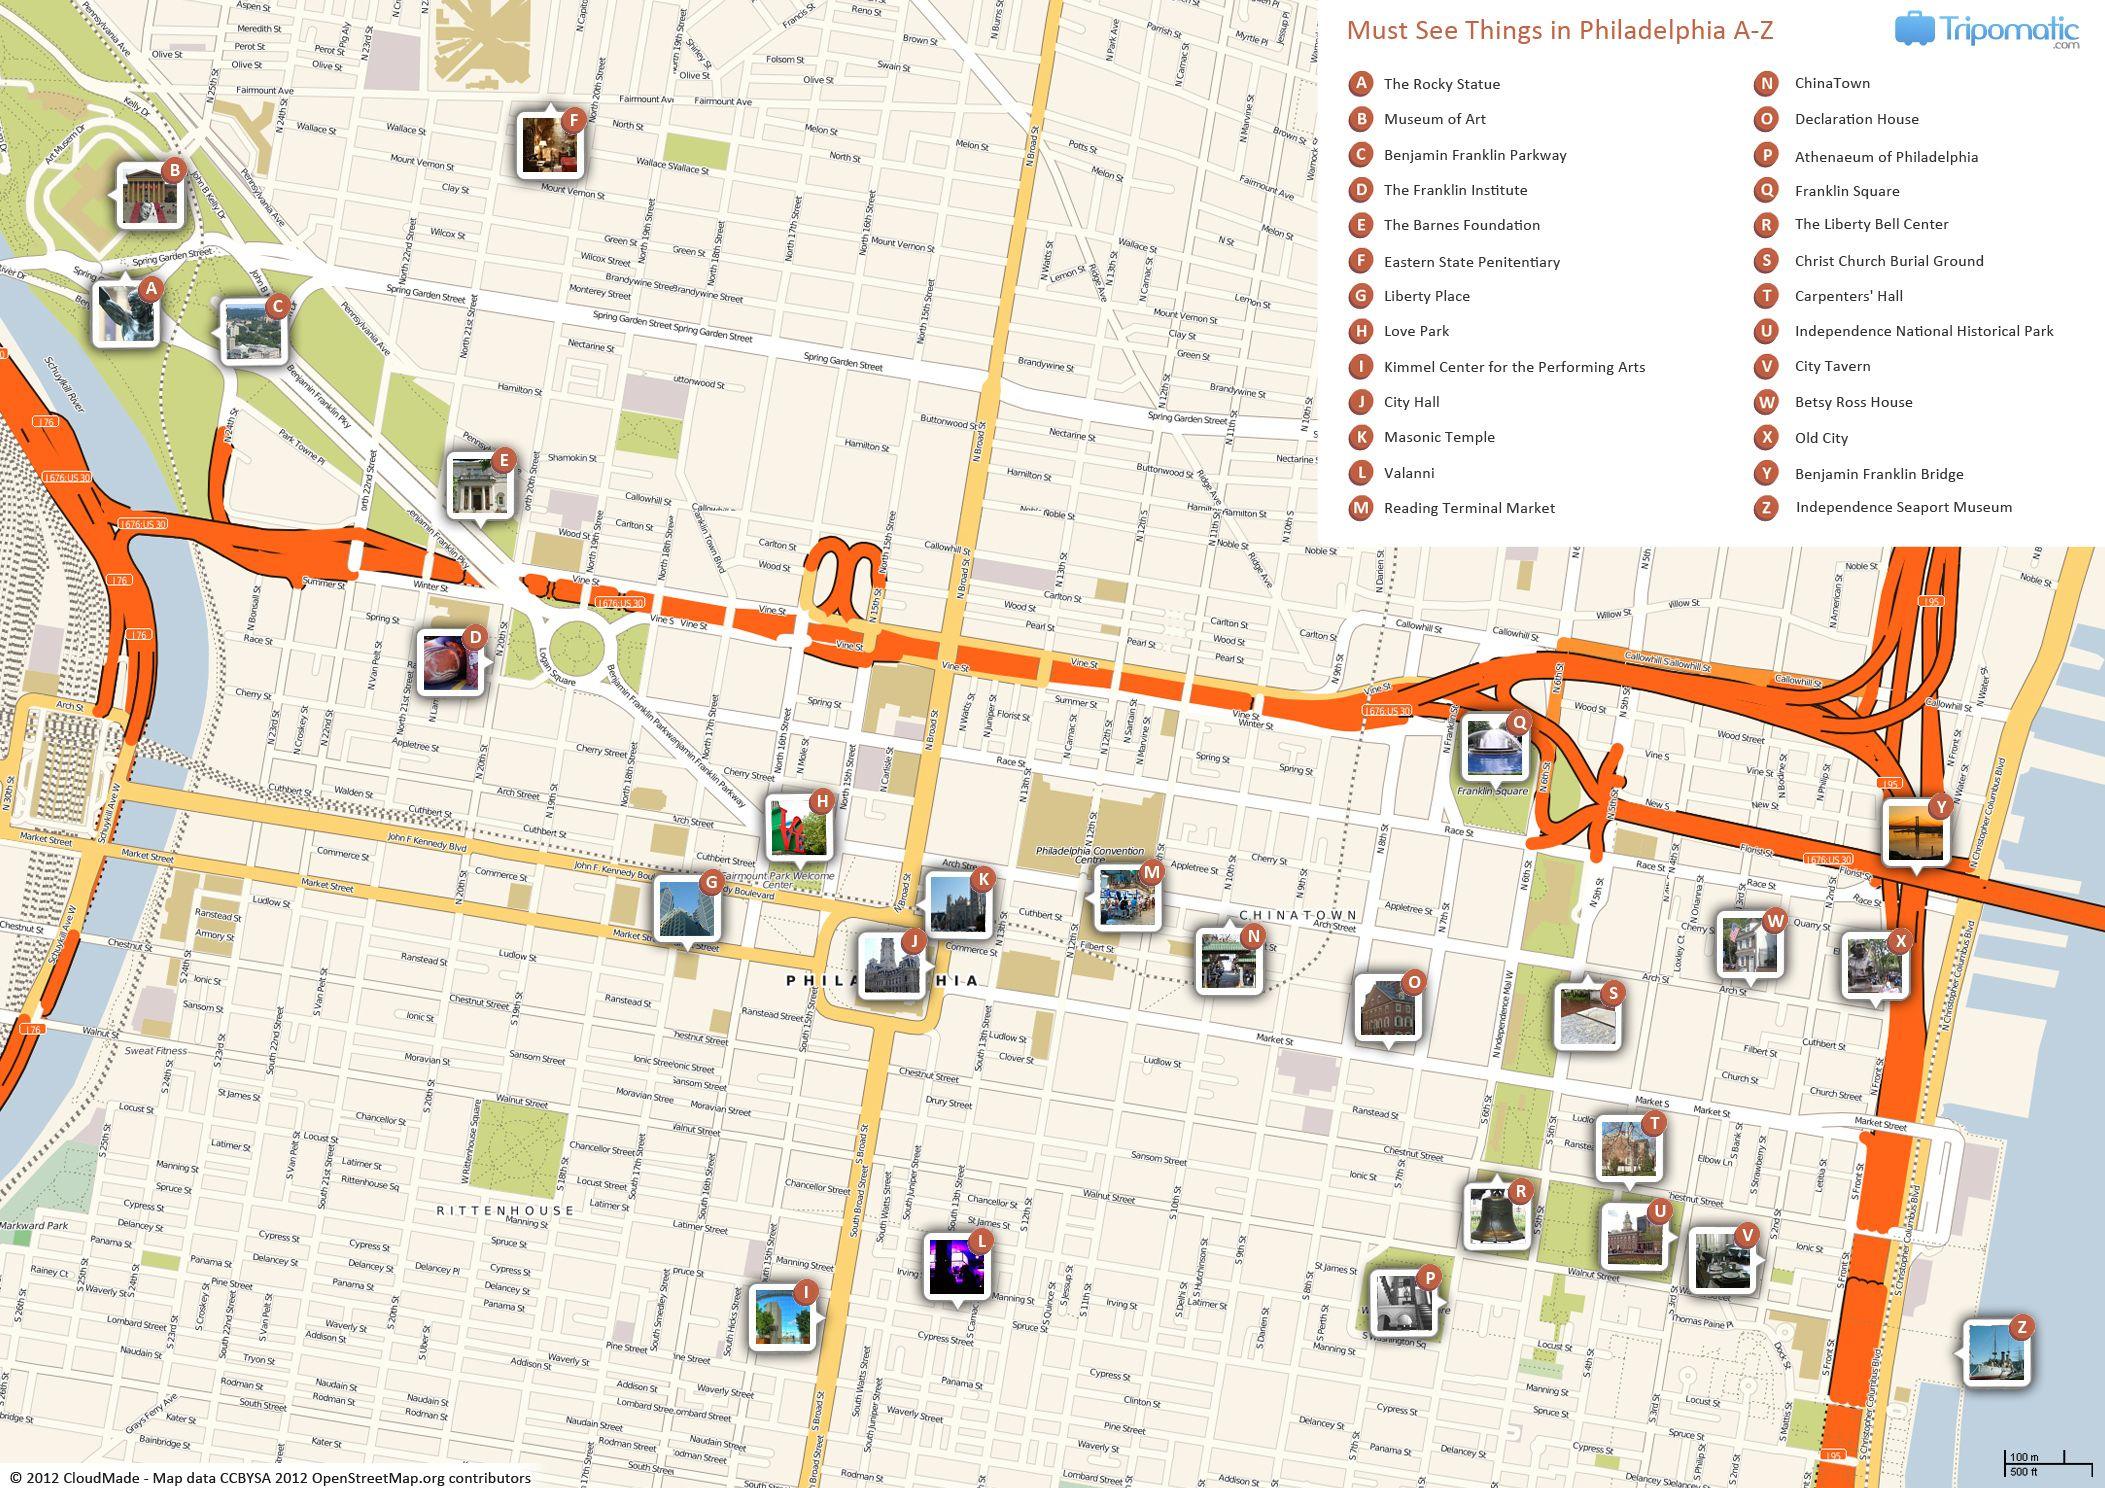 Philadelphia Printable Tourist Map | Free Tourist Maps - Philadelphia City Map Printable